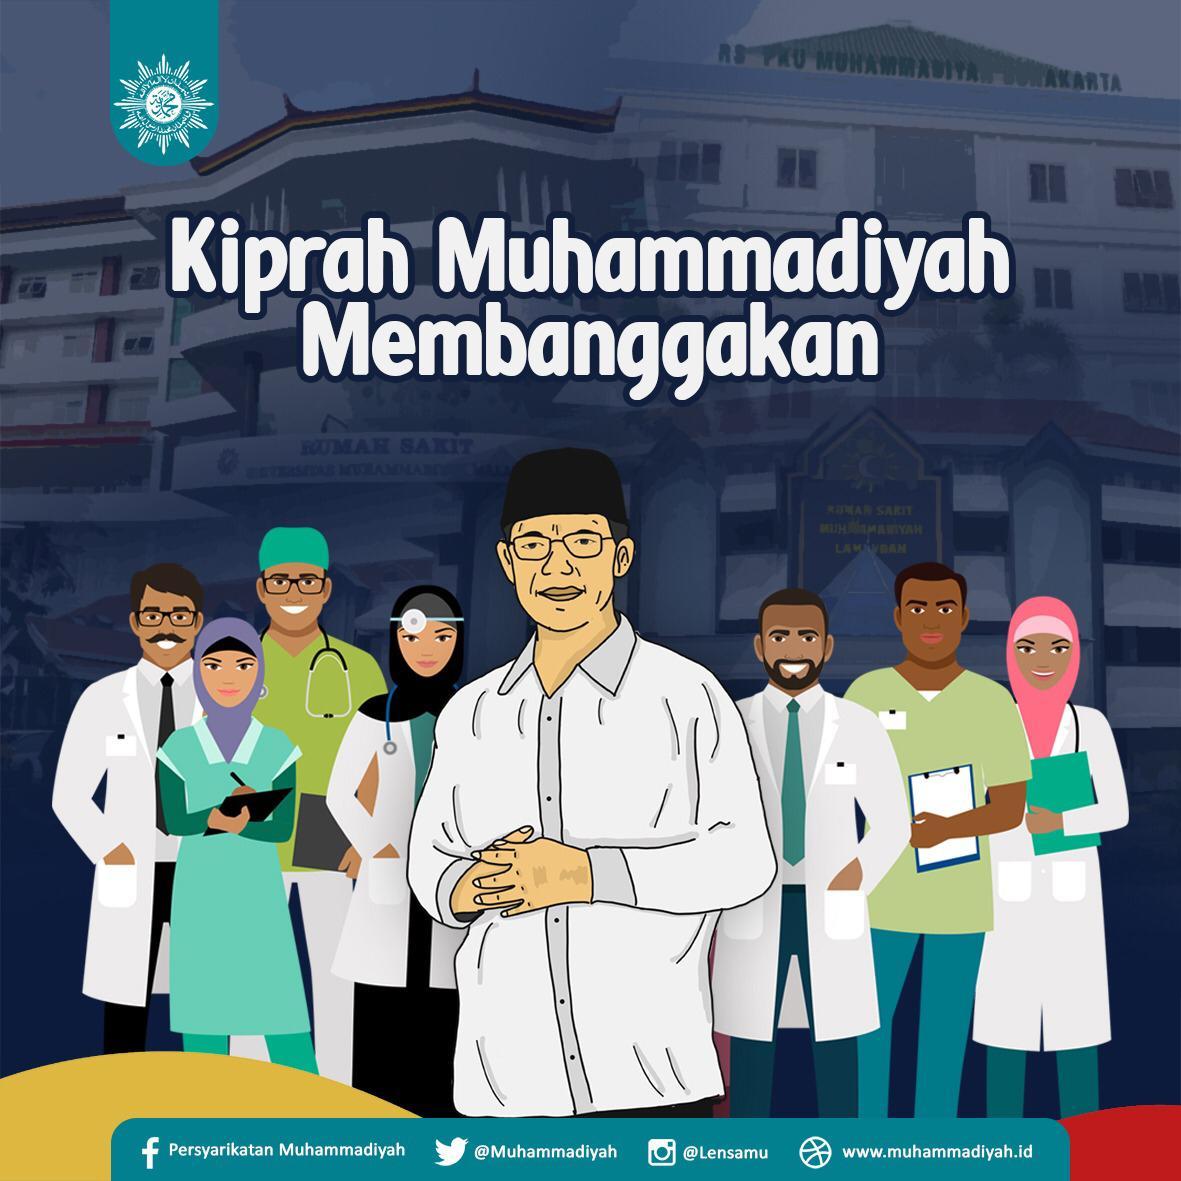 Haedar Nasir Apresiasi Kiprah Elemen Muhammadiyah Lawan Covid-19